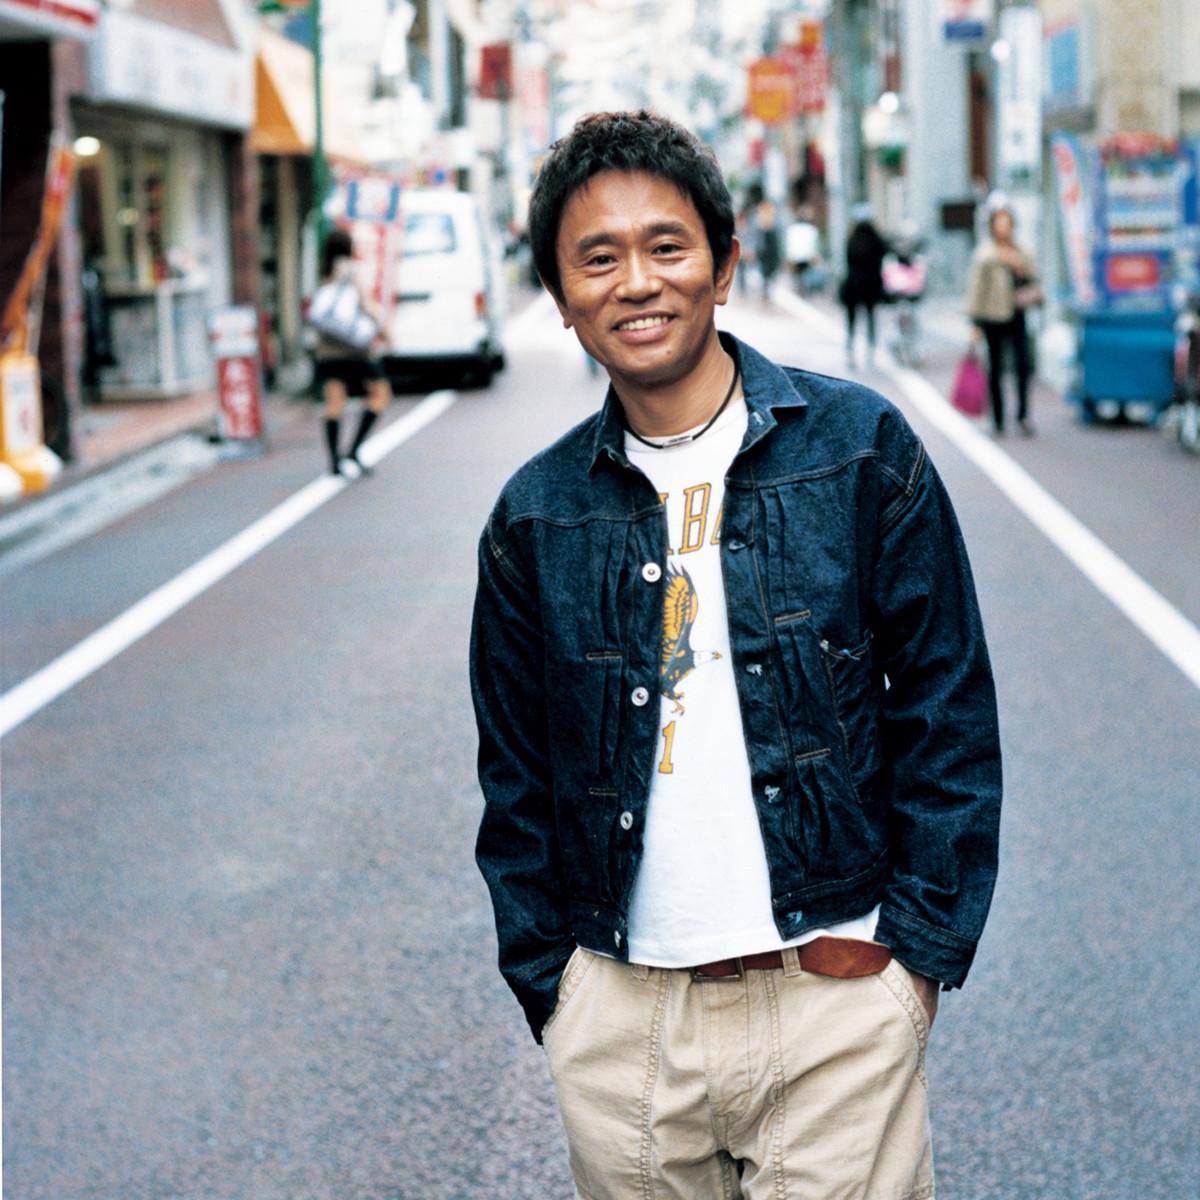 【驚愕】浜田雅功の息子はあのバンドのベーシストだった!?【事実】のサムネイル画像